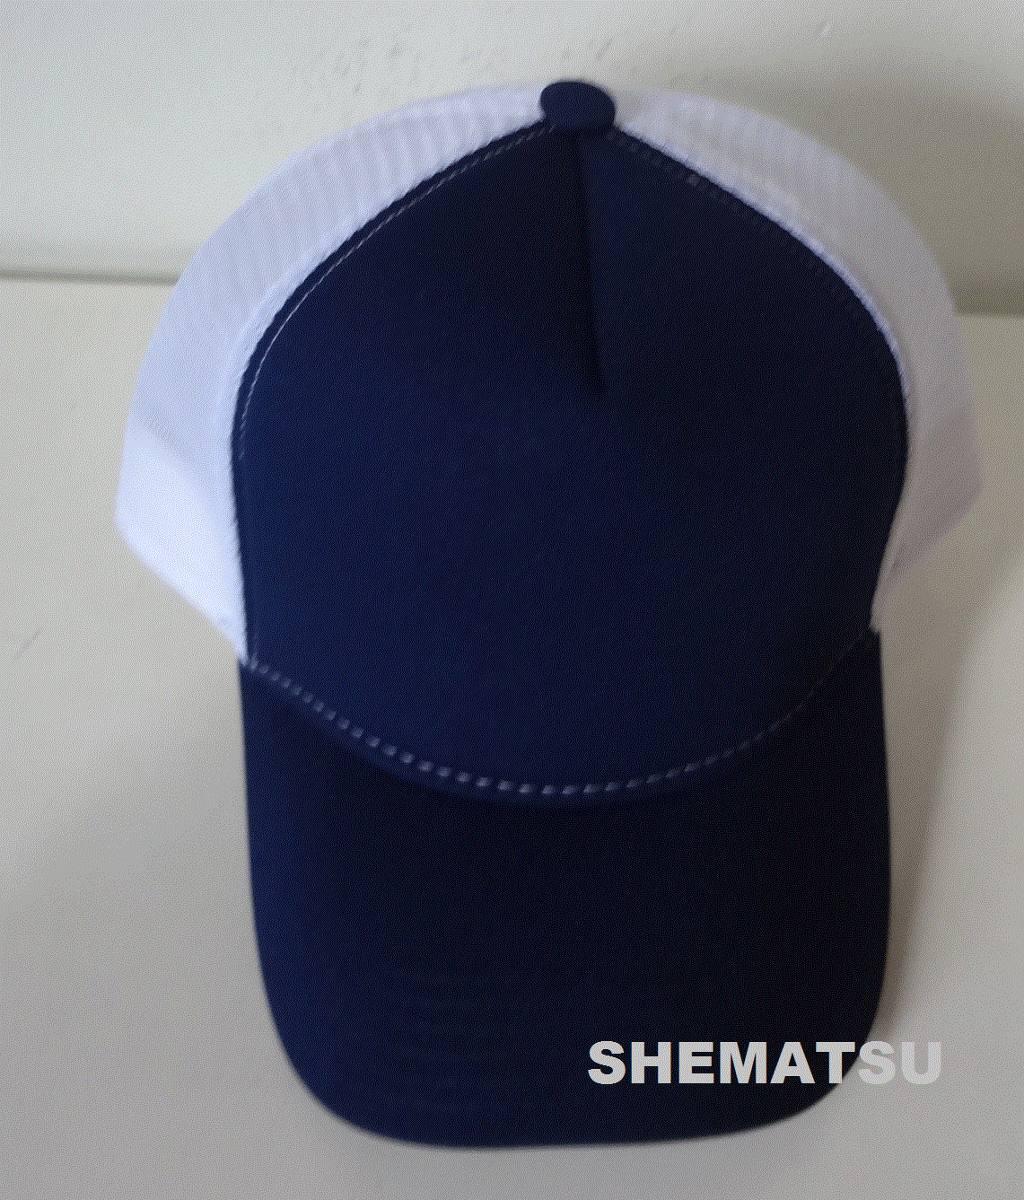 4da4291f12b23 Boné Tela Branco  Azul Marinho Vintage  retrô  Oldschool Cap - R  42 ...